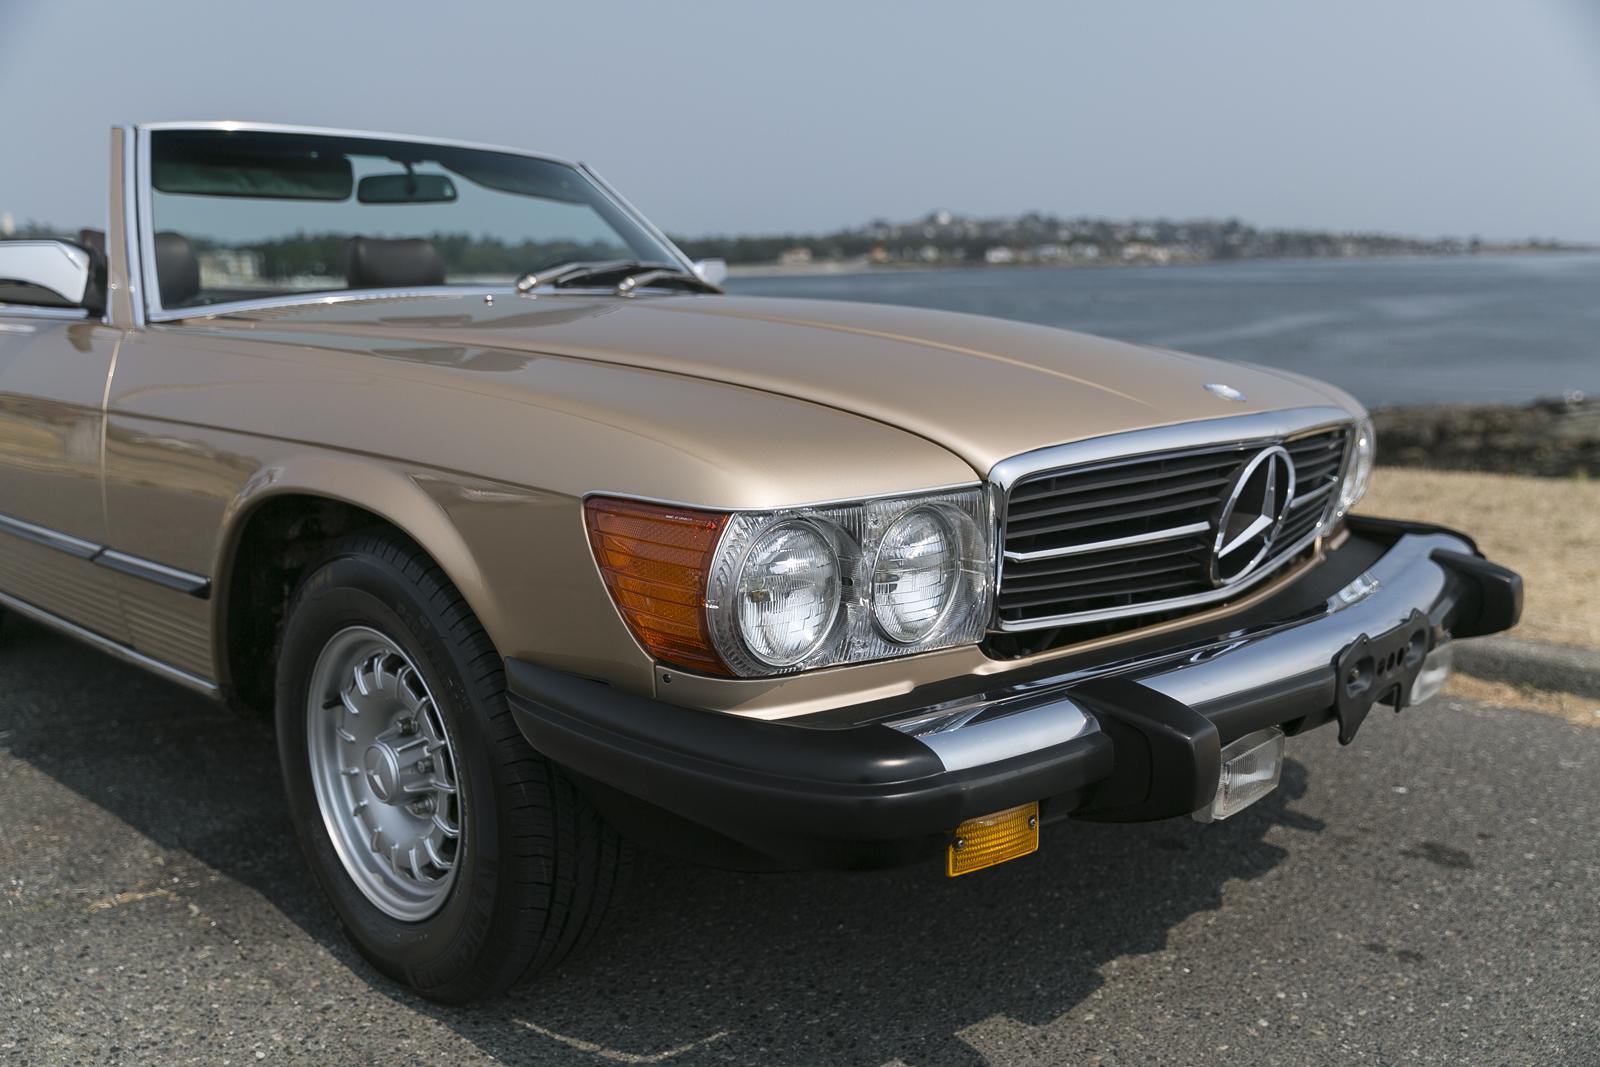 1982 mercedes benz 380sl silver arrow cars ltd for 380sl mercedes benz